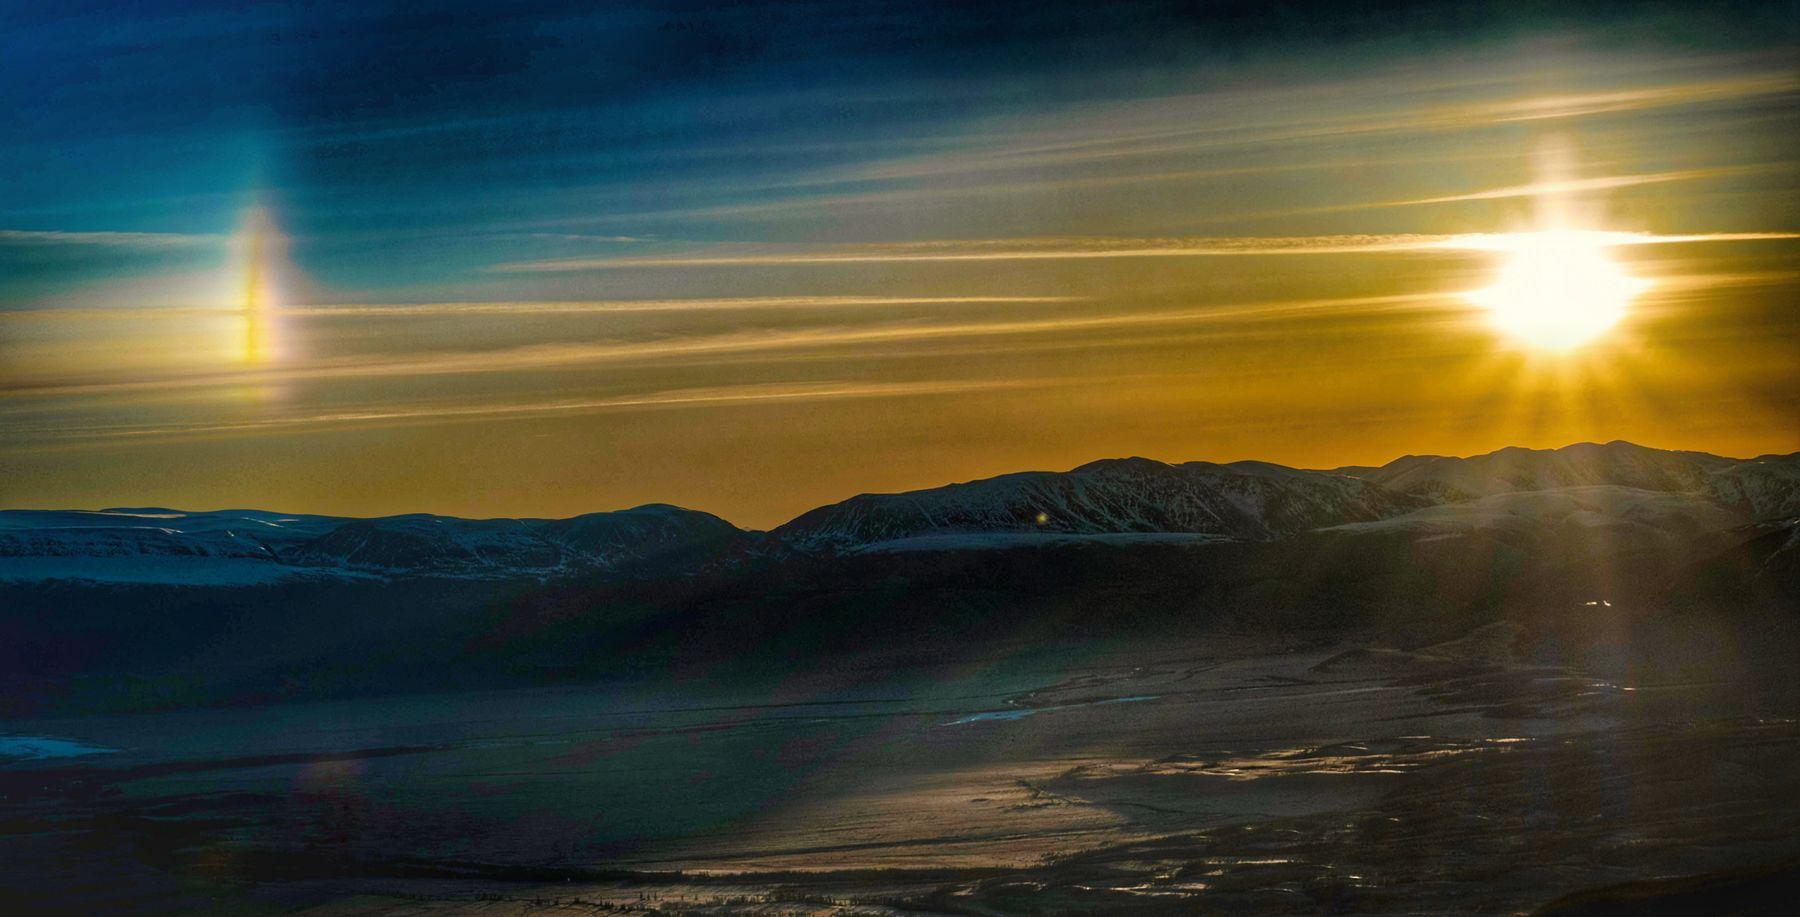 Пейзаж Алтай Рассвет солнце гало степь горы небо